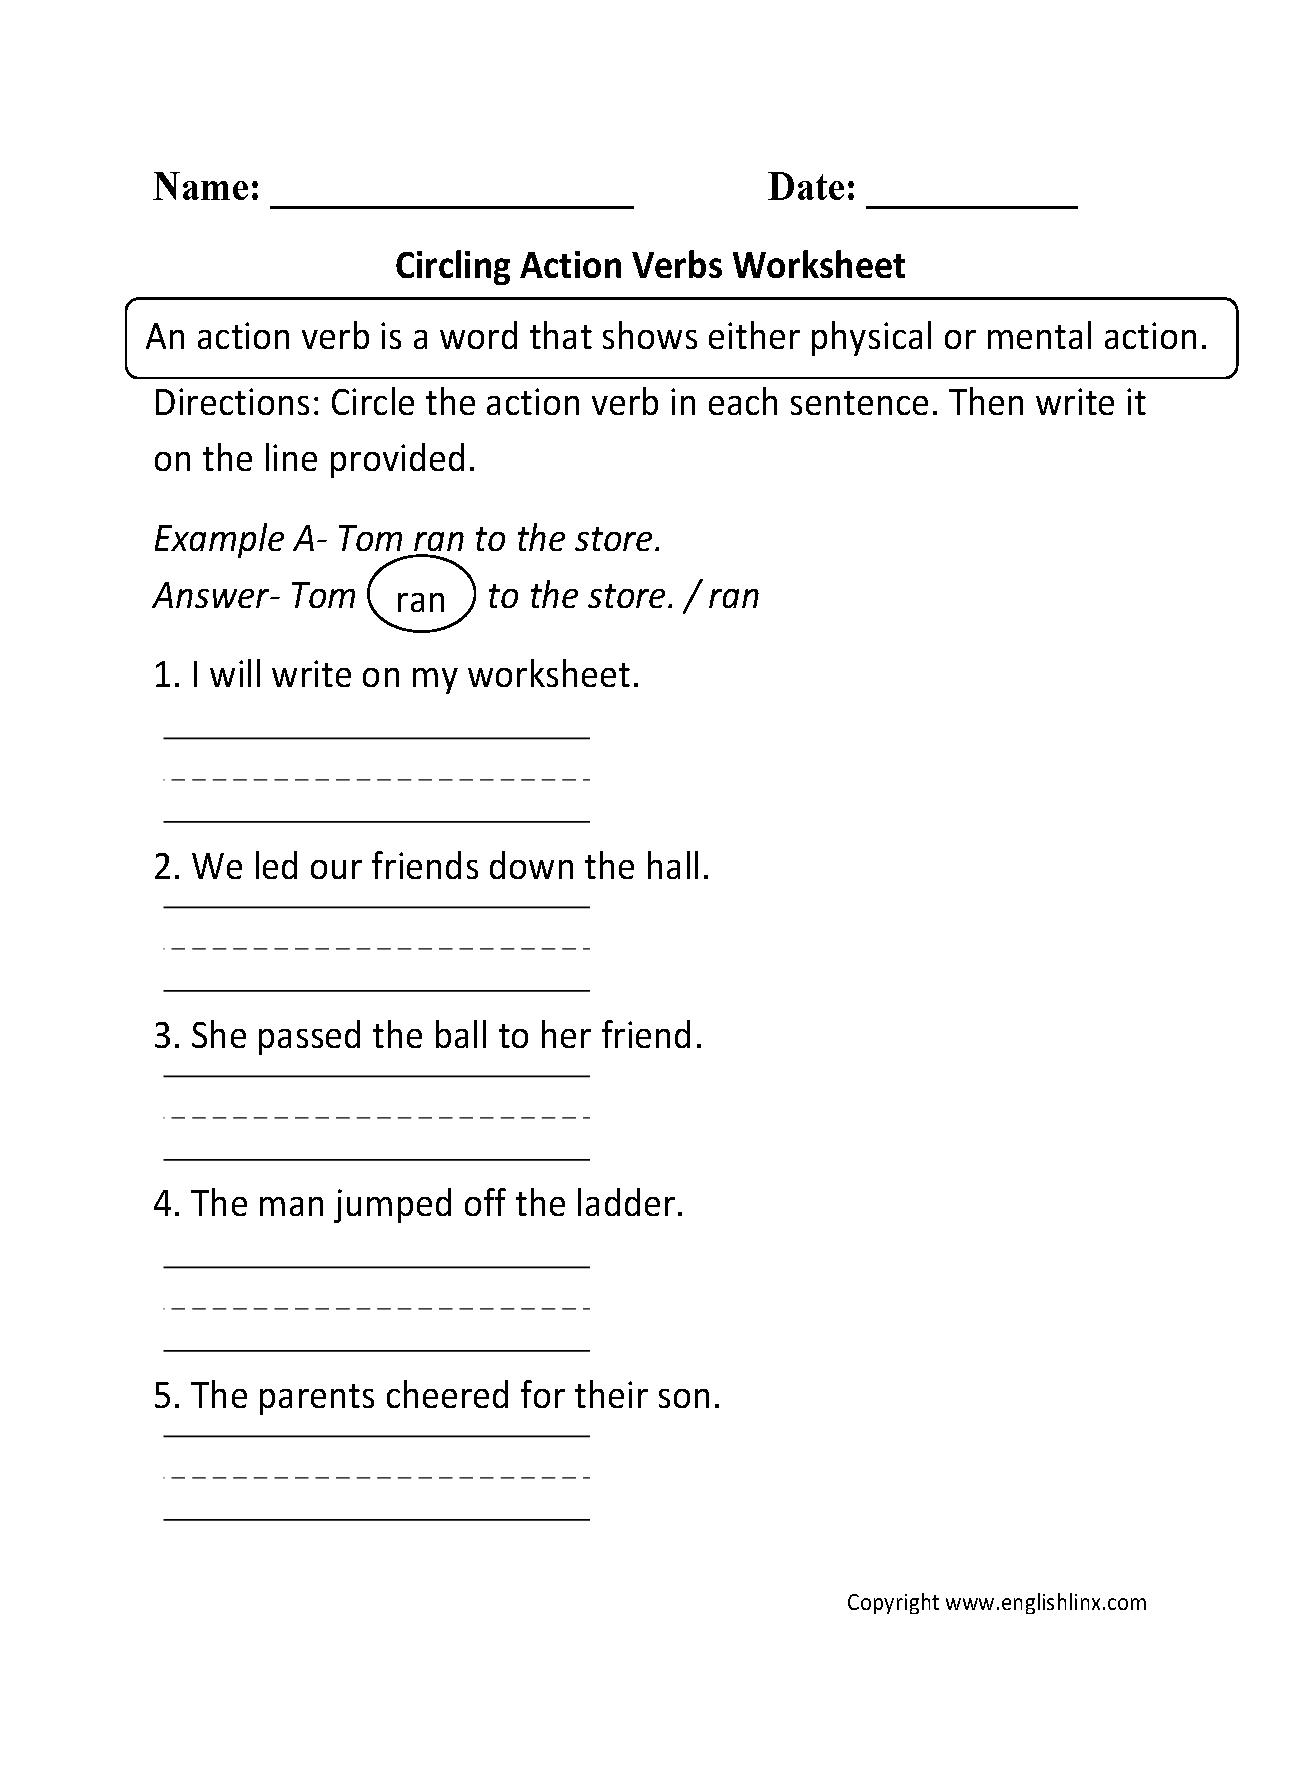 Circling Action Verbs Worksheet